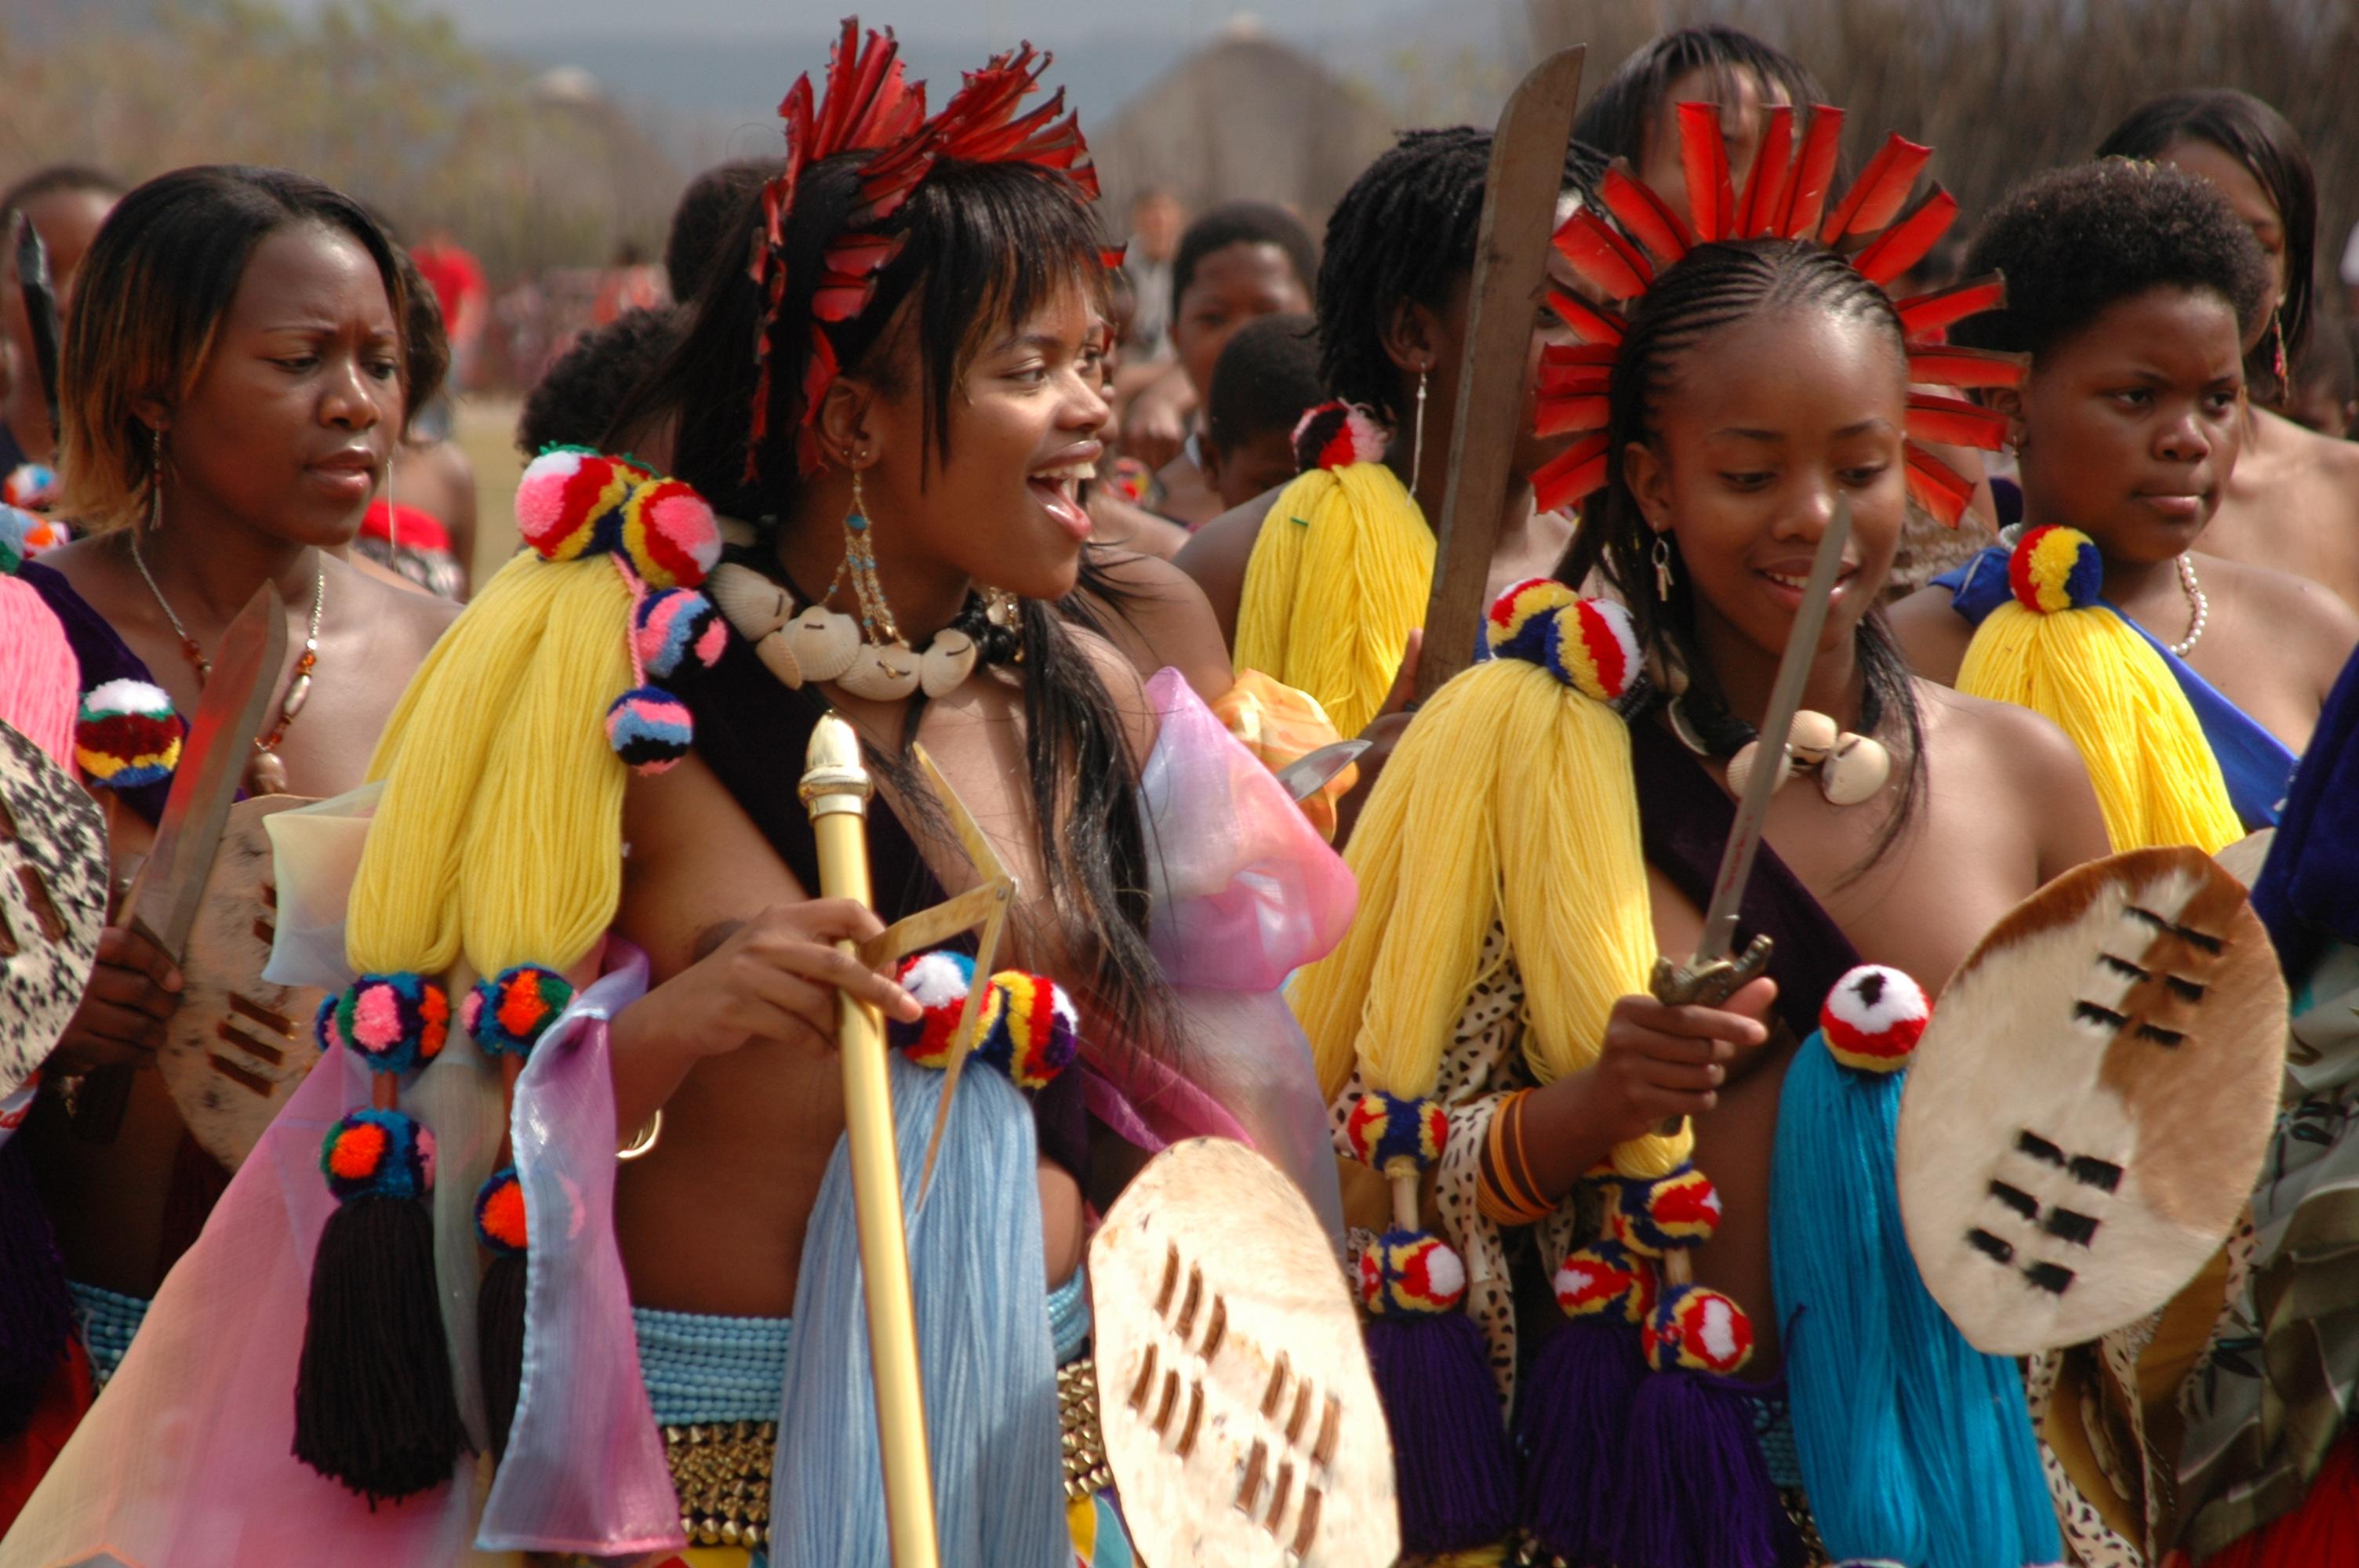 Sito di incontri gratuito in Swaziland